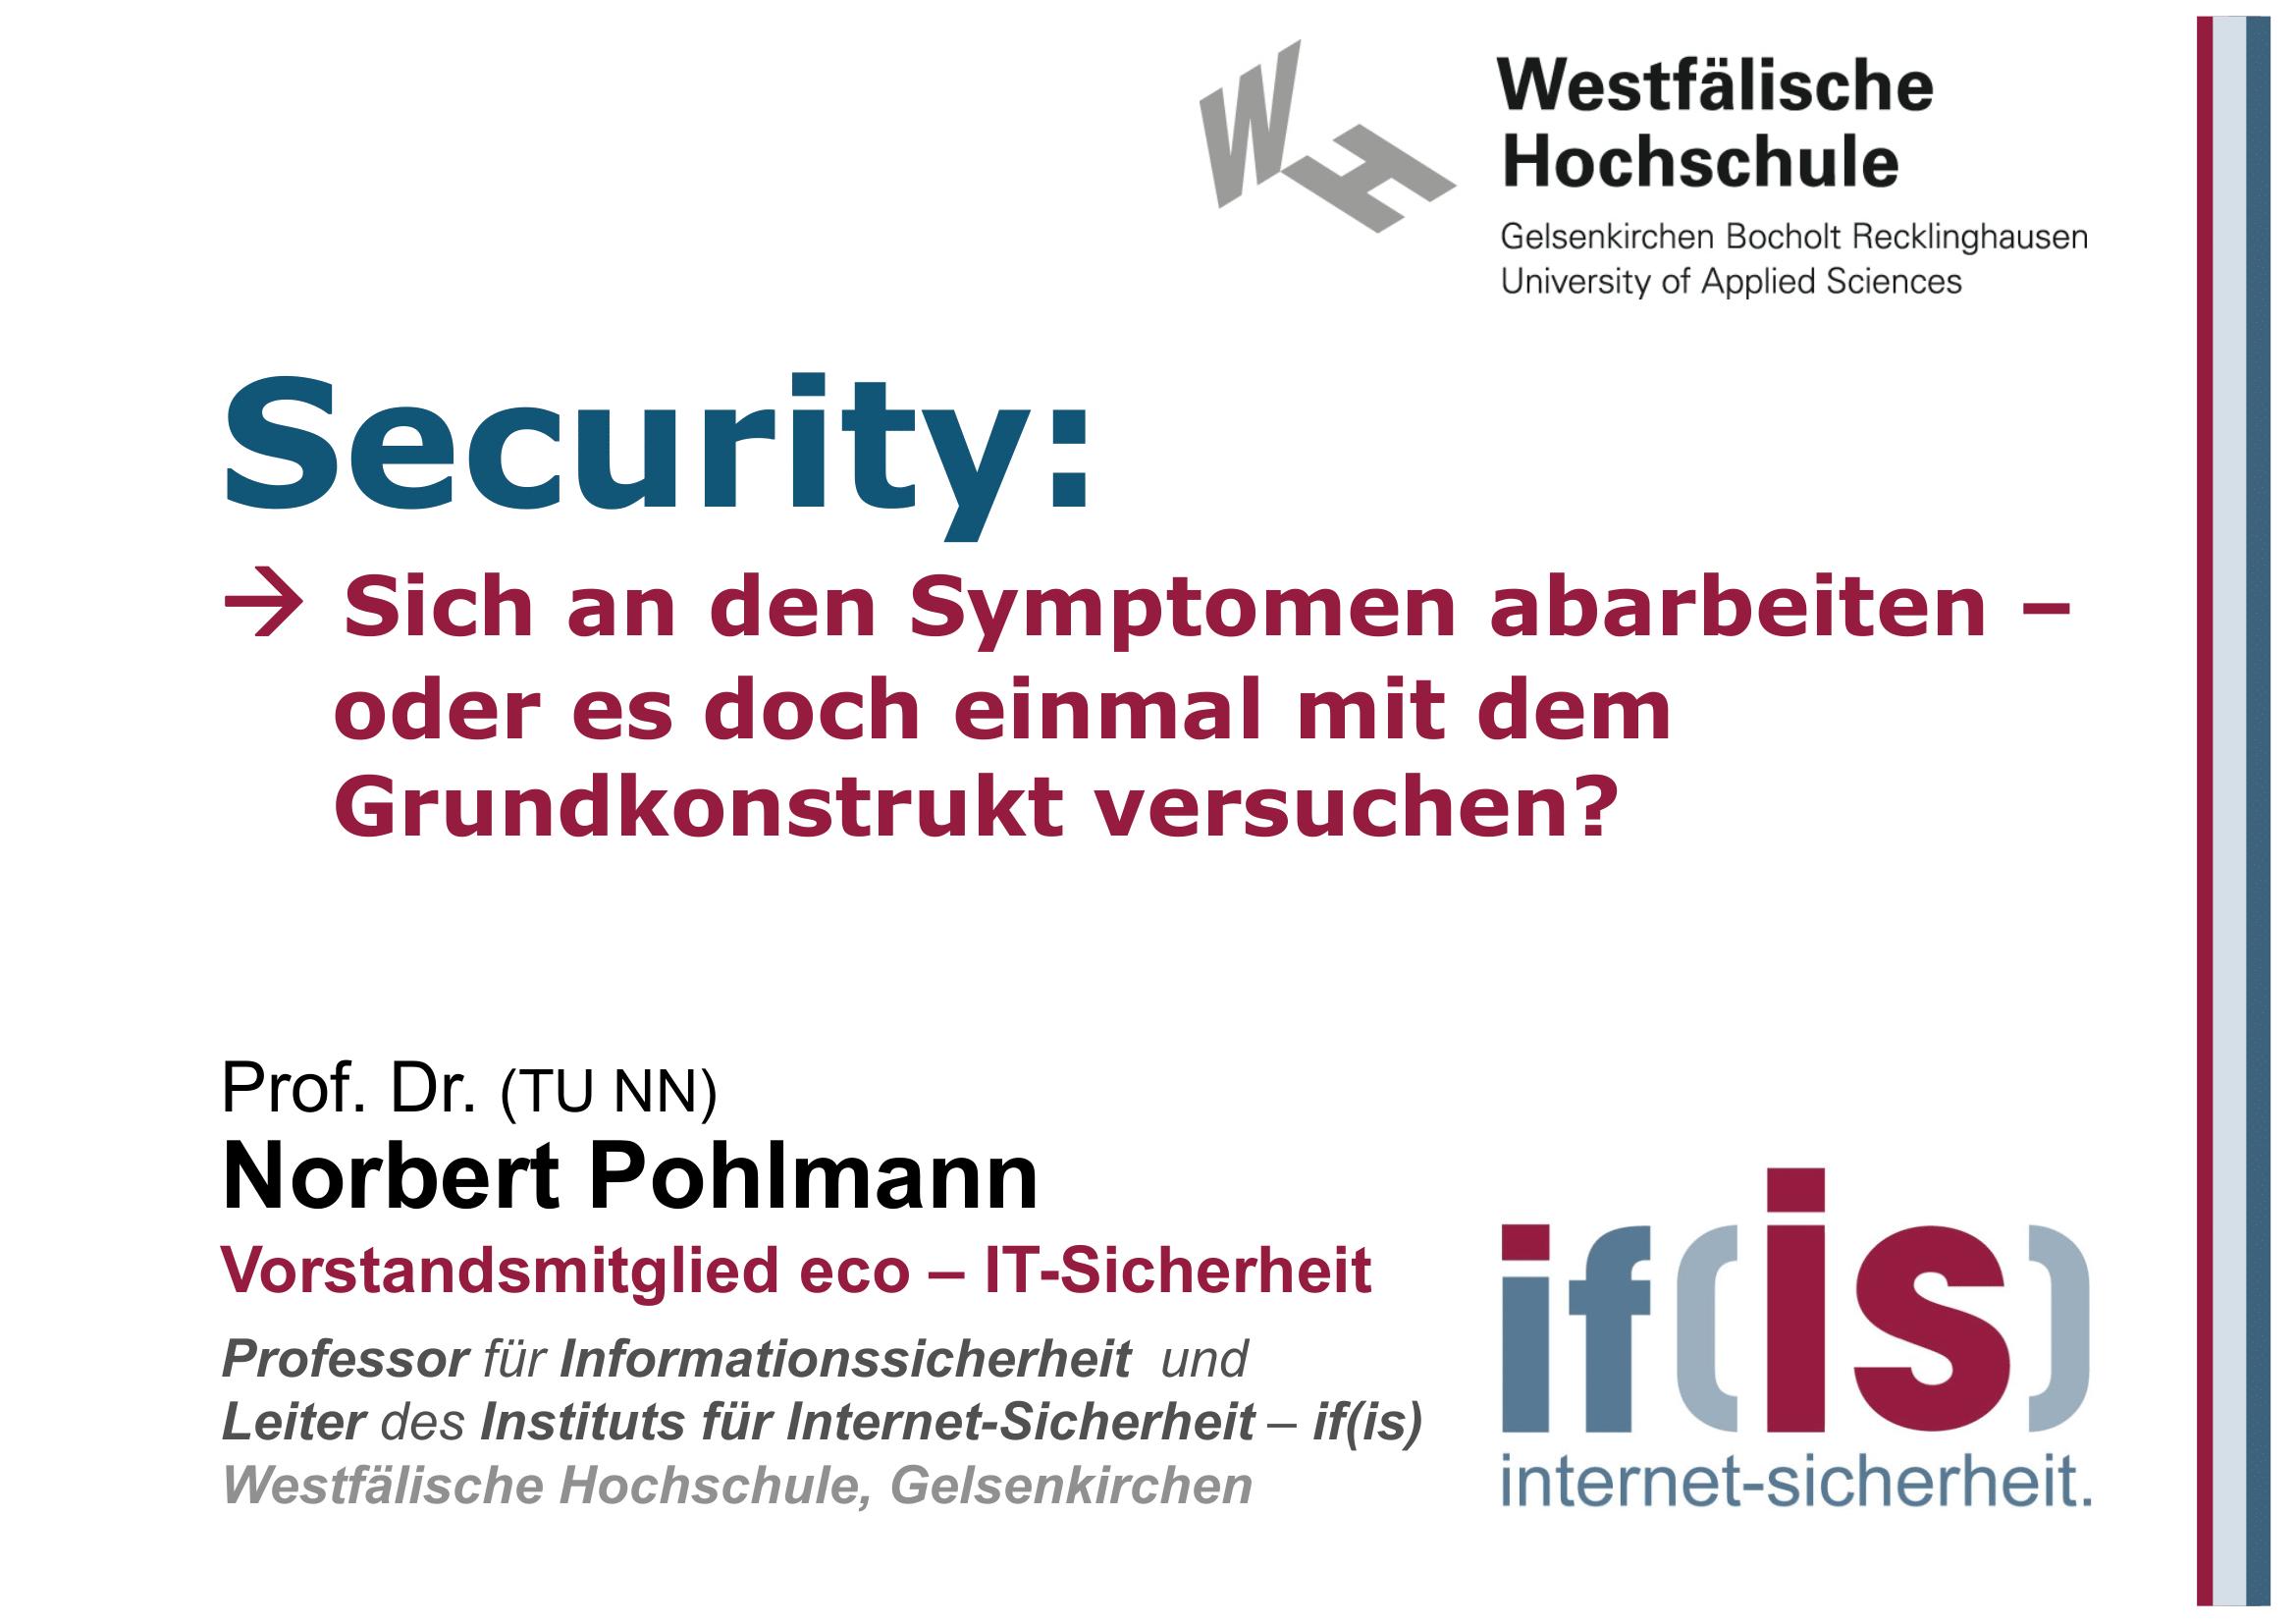 397 - Security - Sich an den Symptomen abarbeiten - oder es doch einmal mit dem Grundkonstrukt versuchen - Prof Norbert Pohlmann